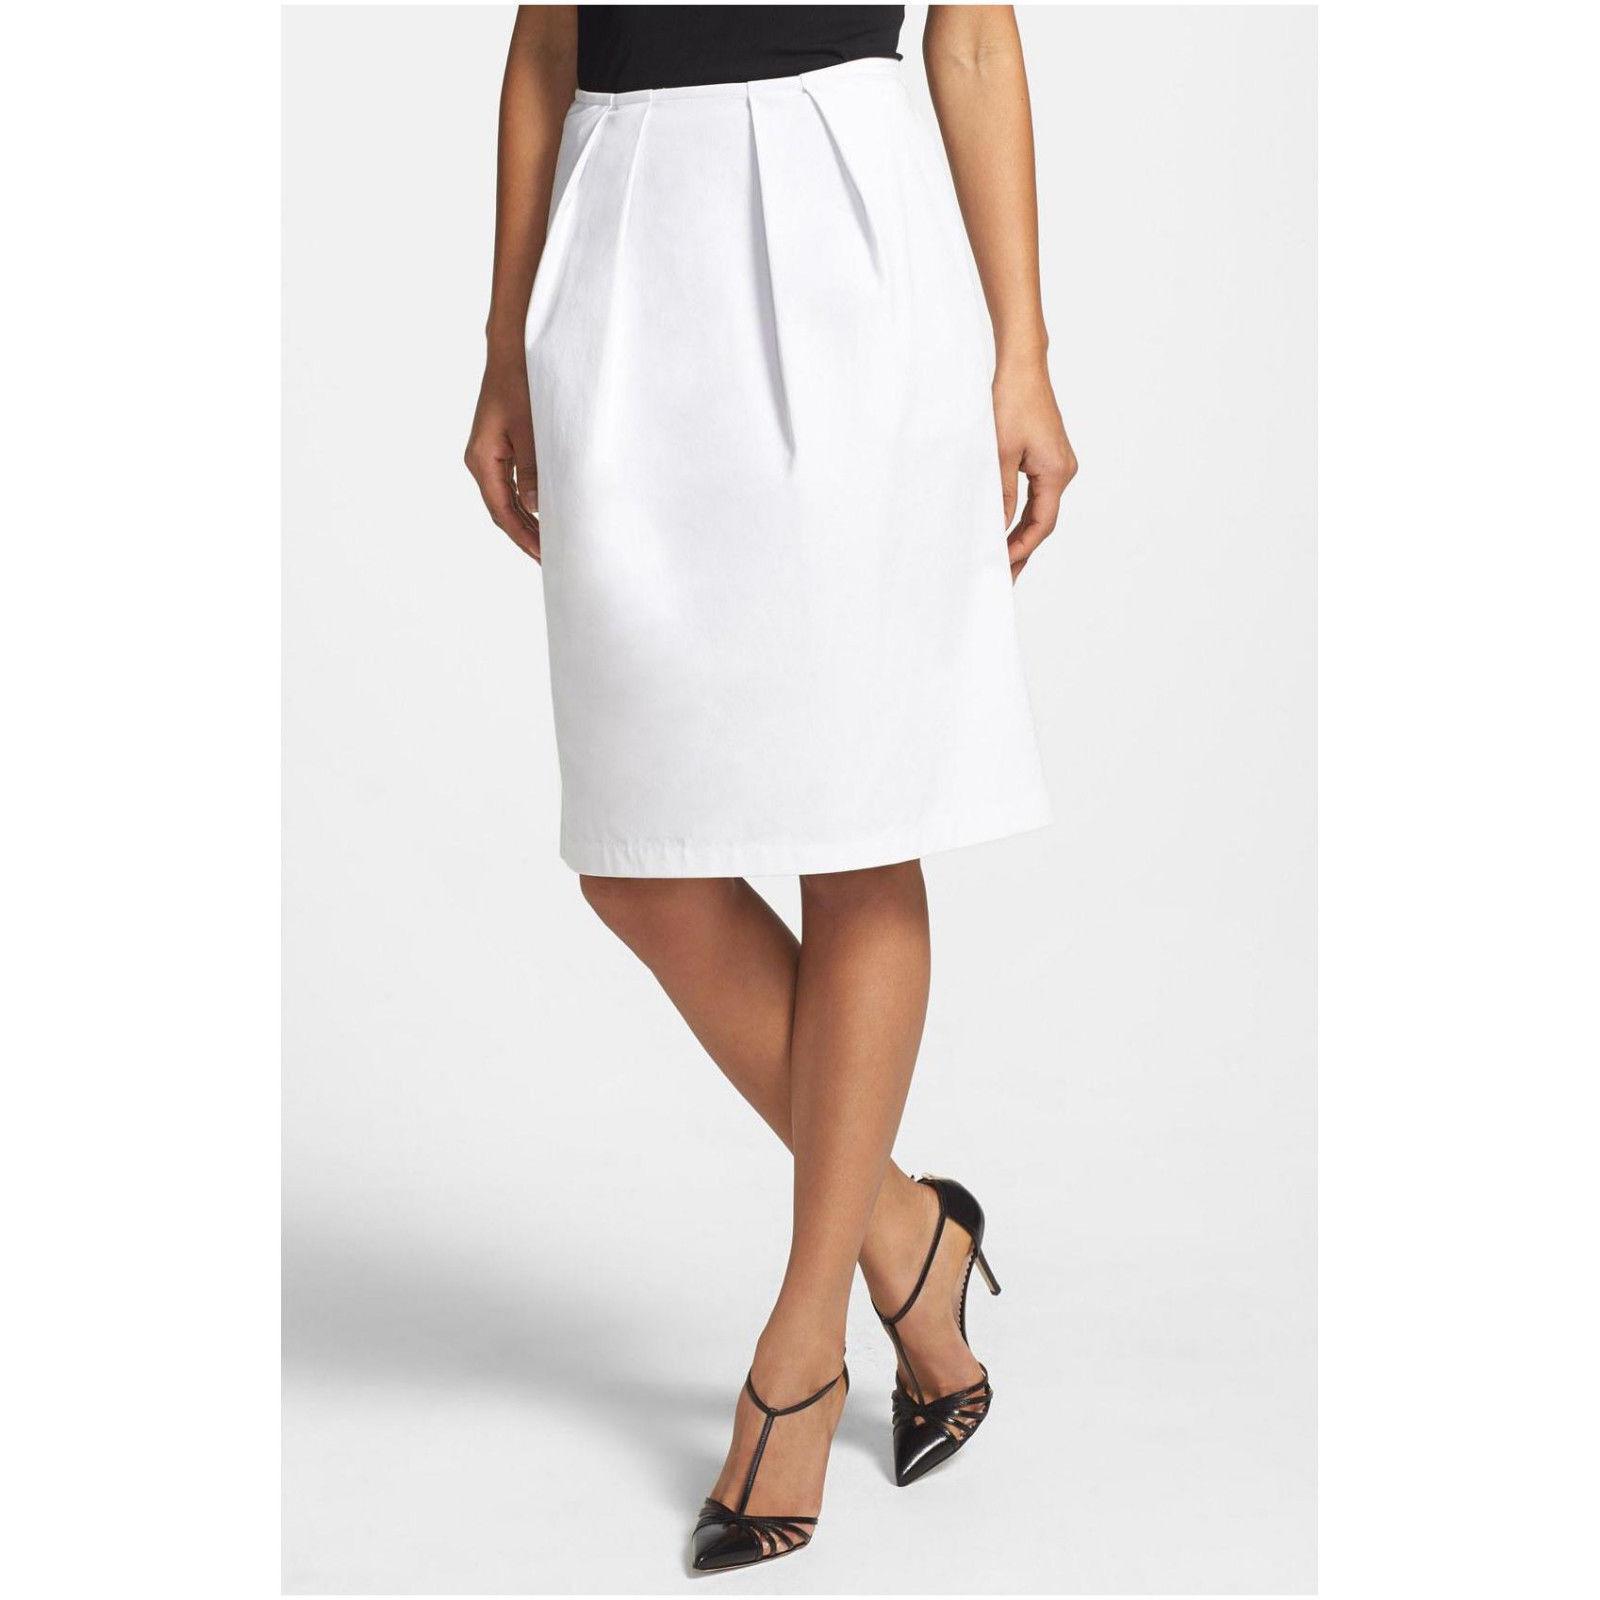 NWT  198 Lafayette 148 New York White Stretch Pleat Twill A-Line Skirt.SZ 4